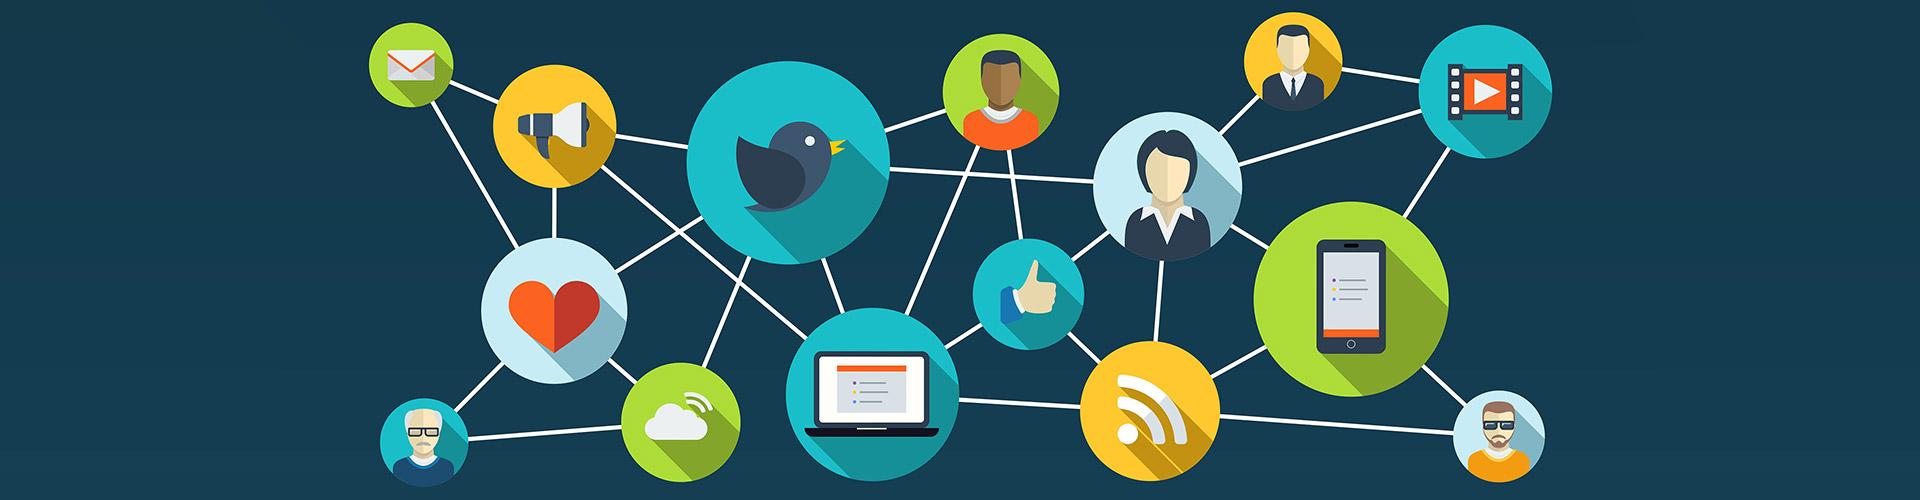 redes-sociais-logica-digital